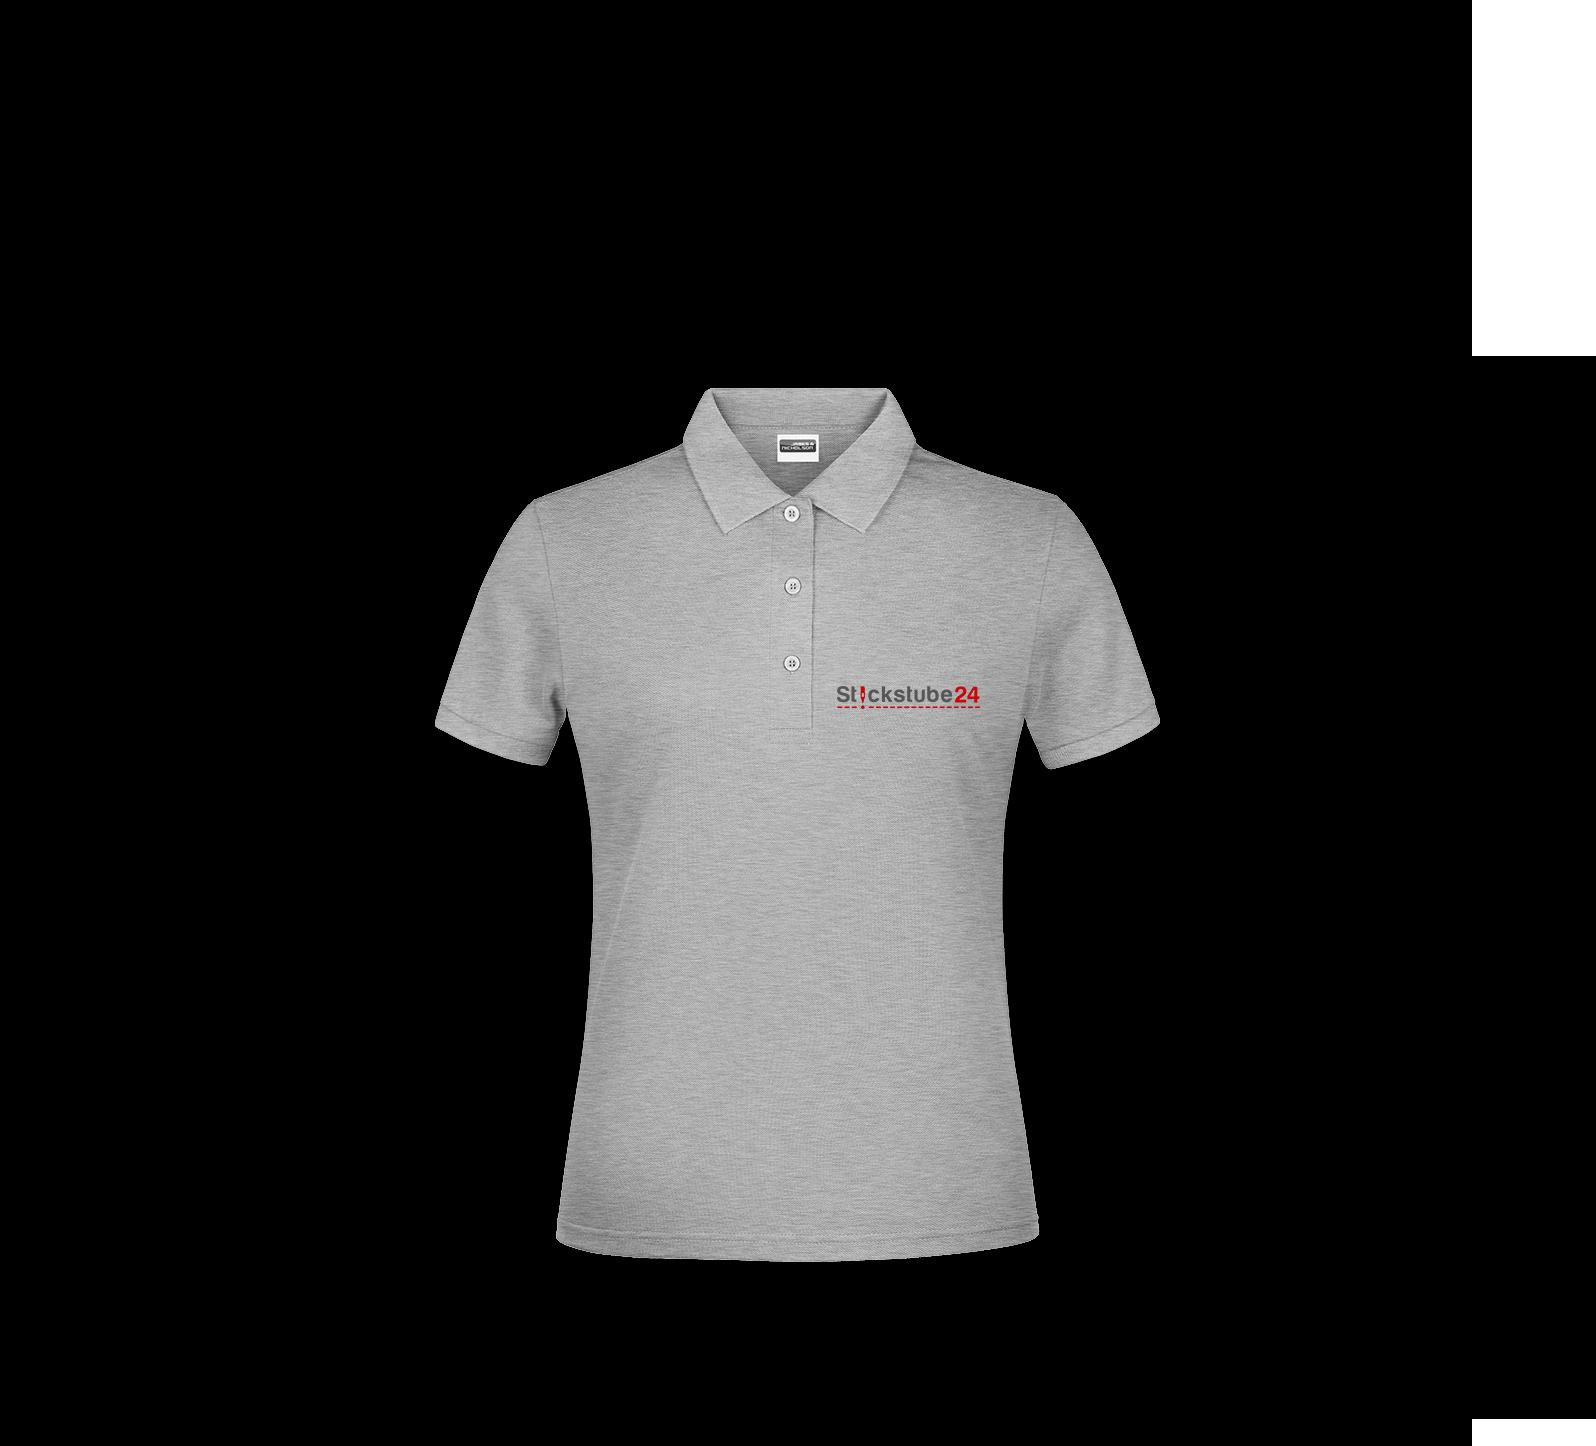 Polo-Shirt besticken